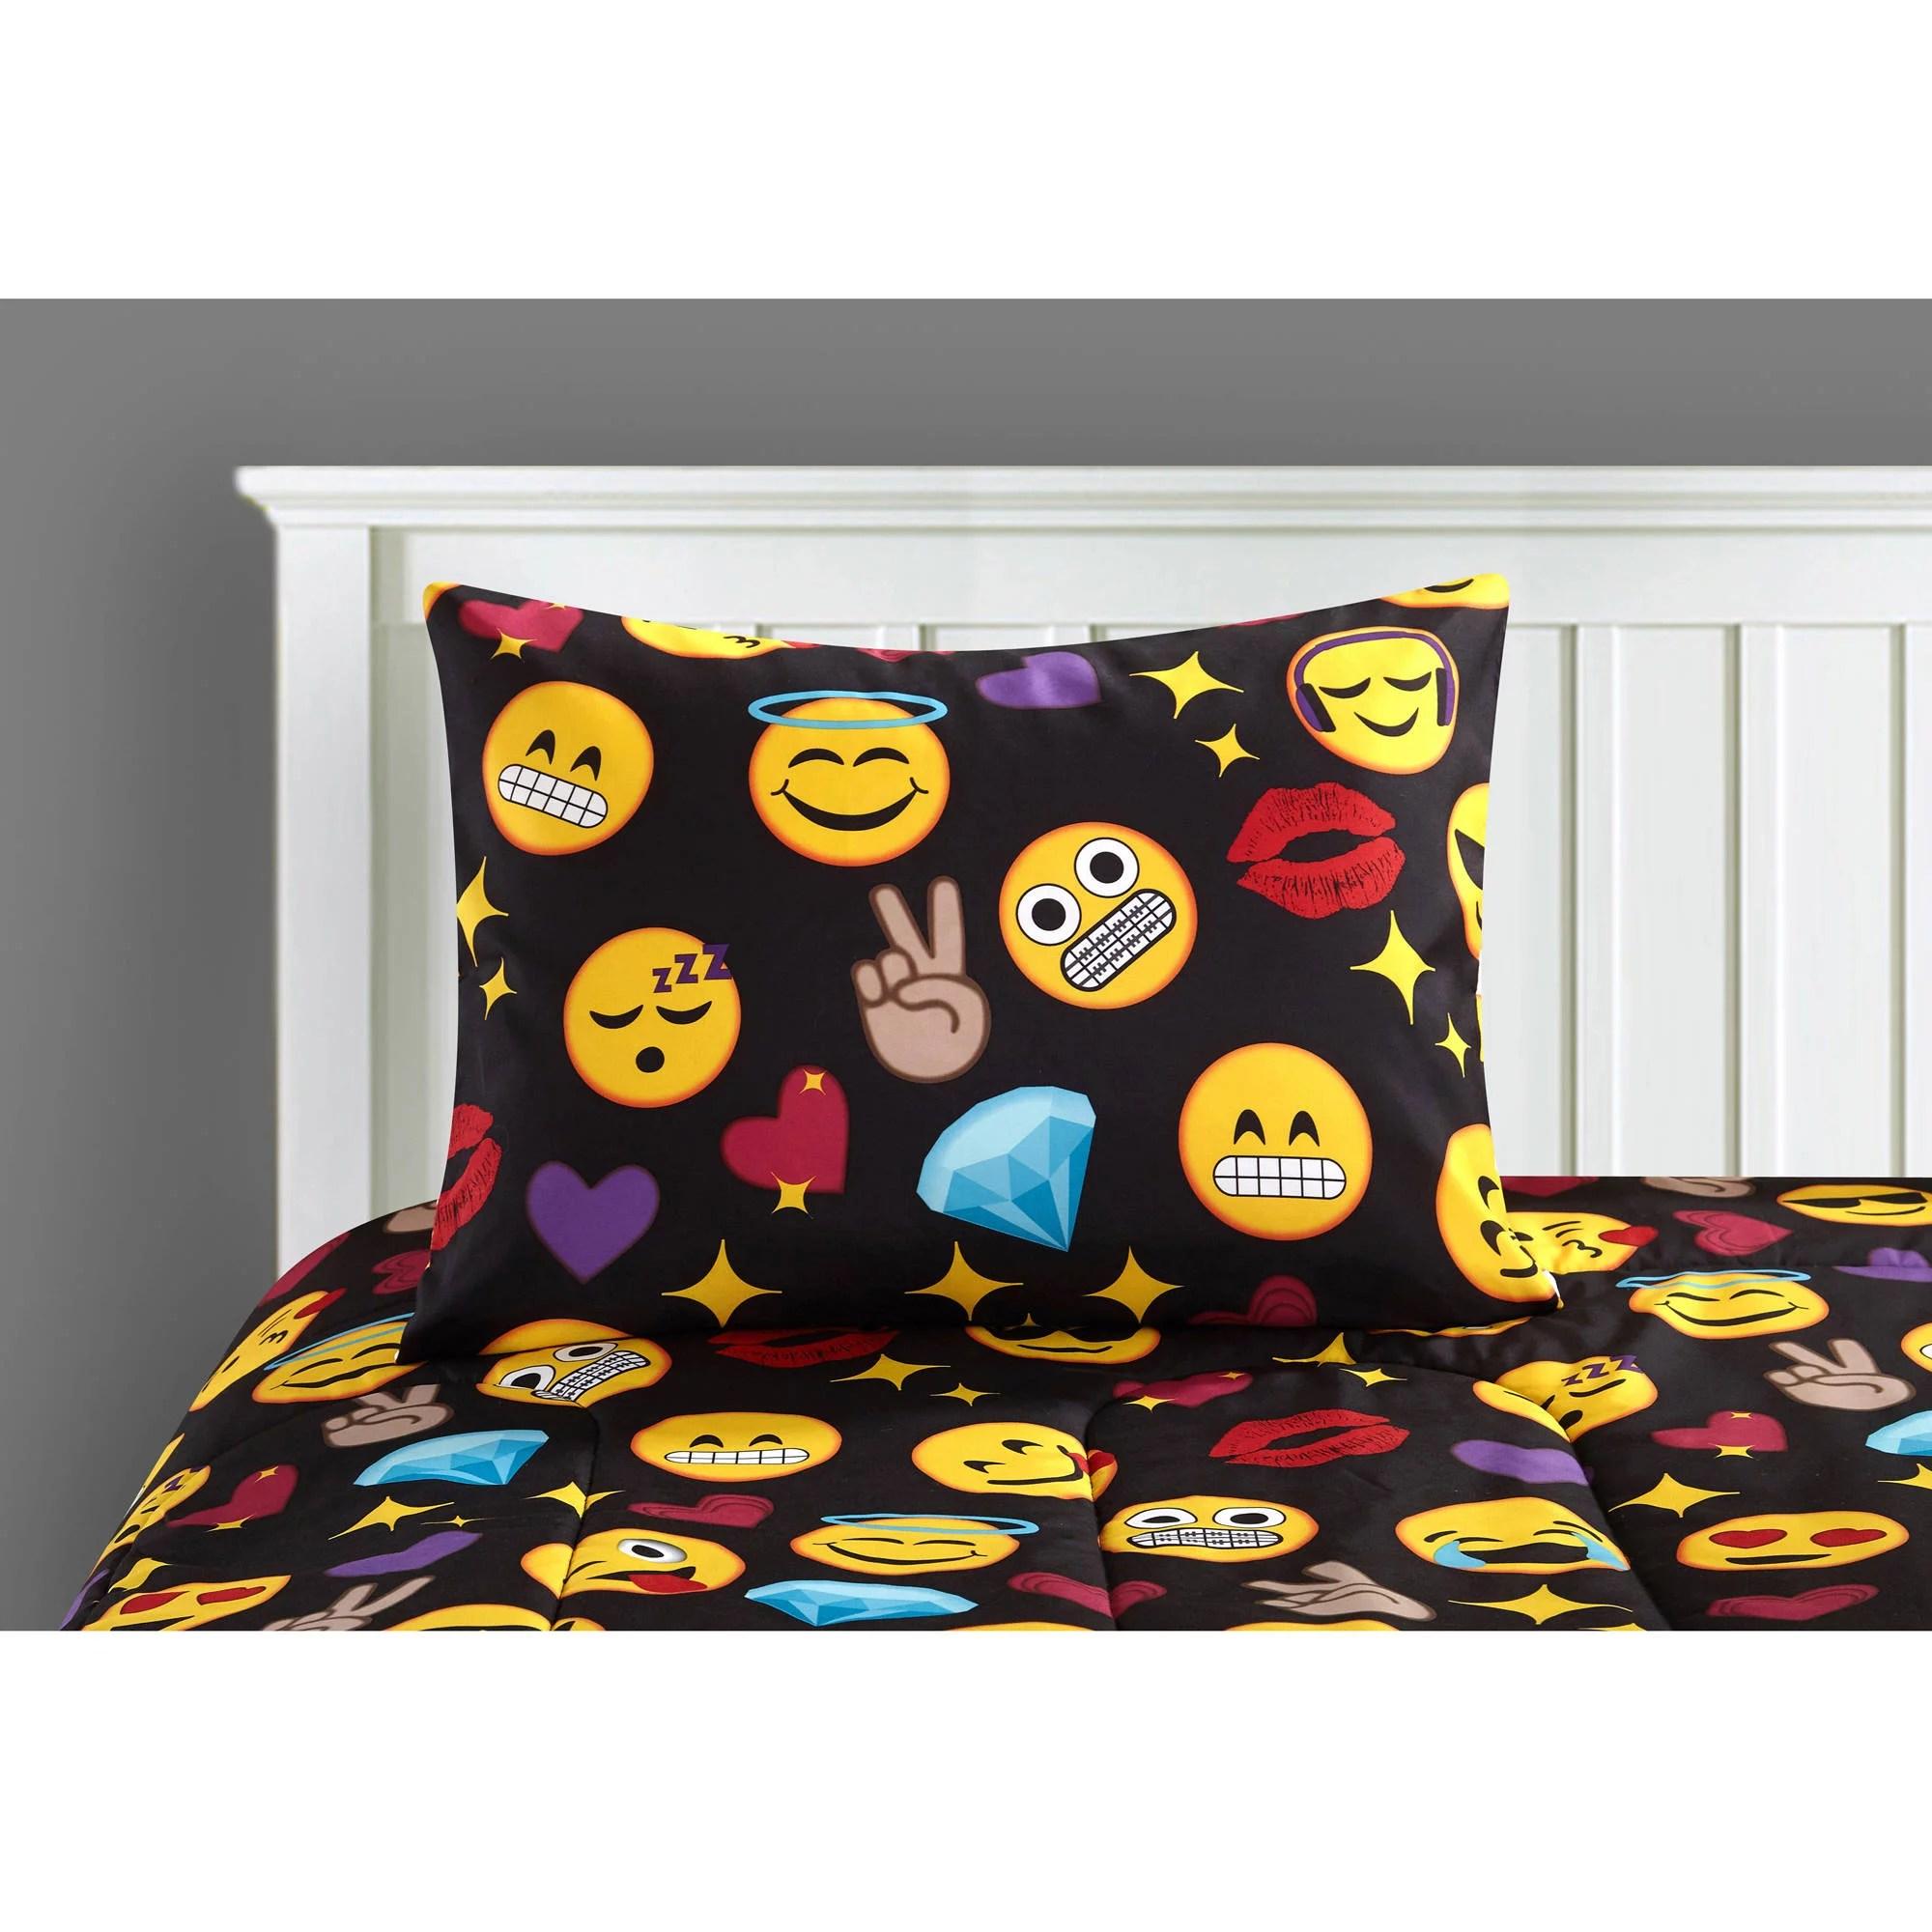 Emoji Bedding Set Queen Bed In A Bag Kids Teen Bedroom